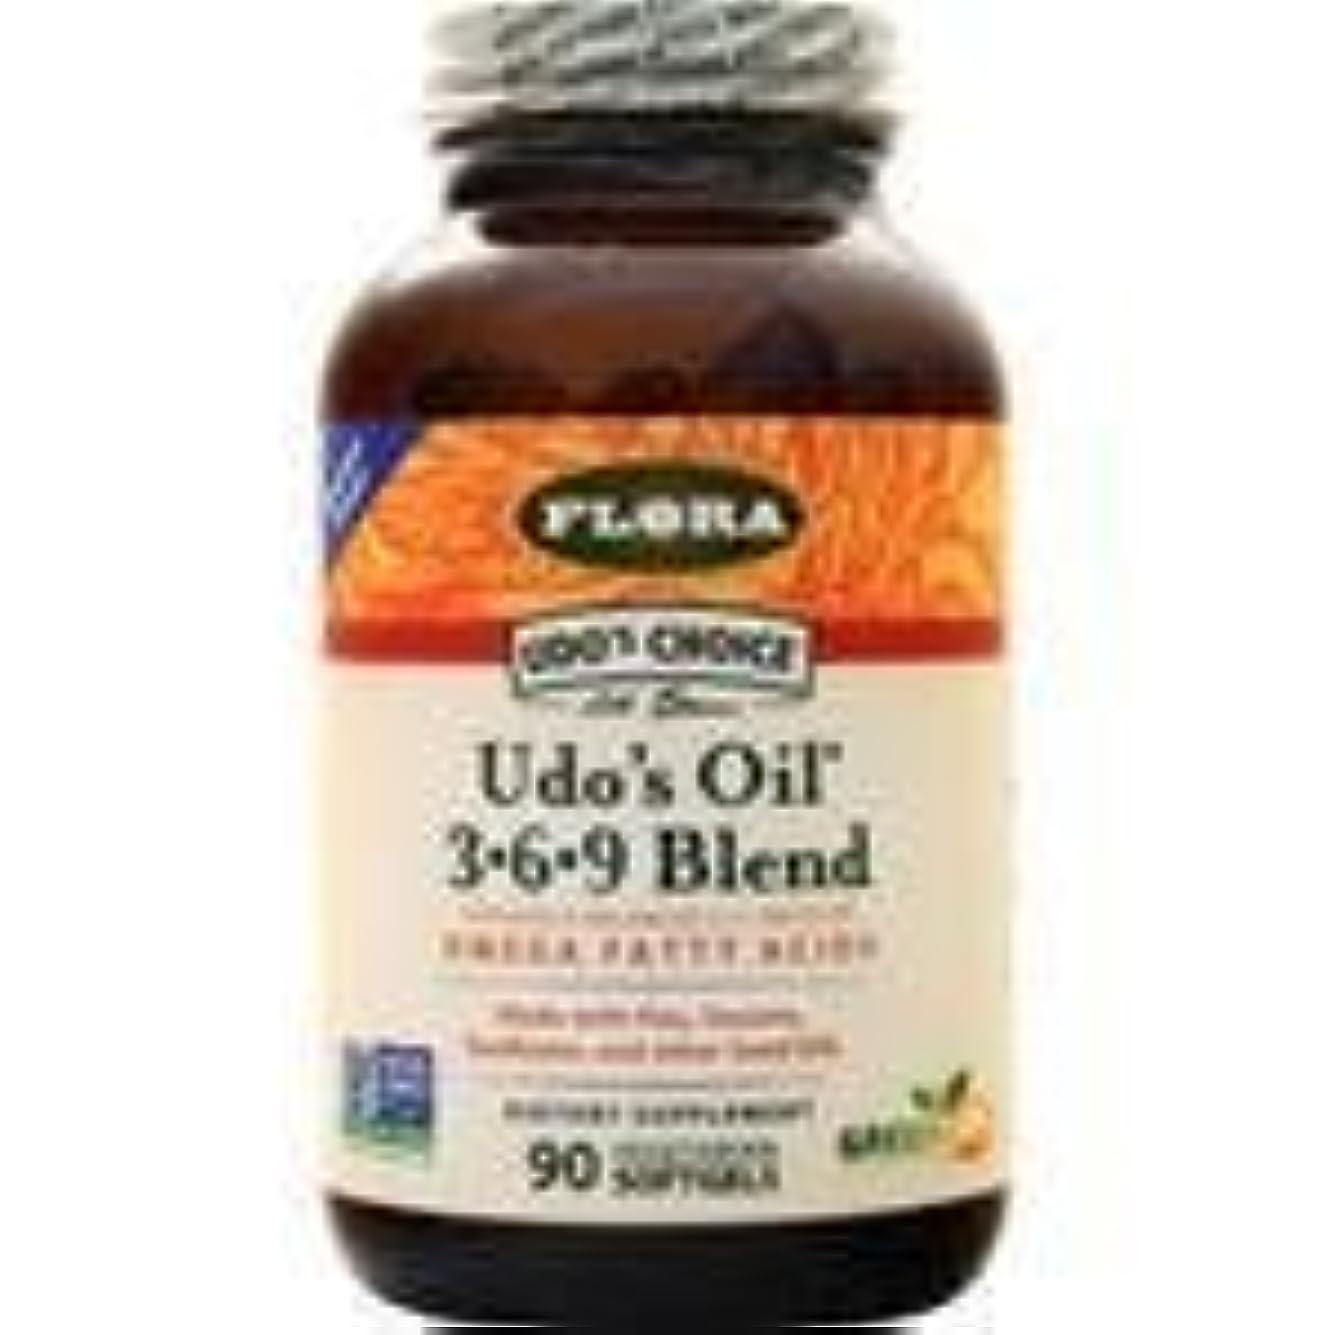 私の頂点反応するUdo's Choice Udo's Oil 3-6-9 Blend 90 sgels 2個パック